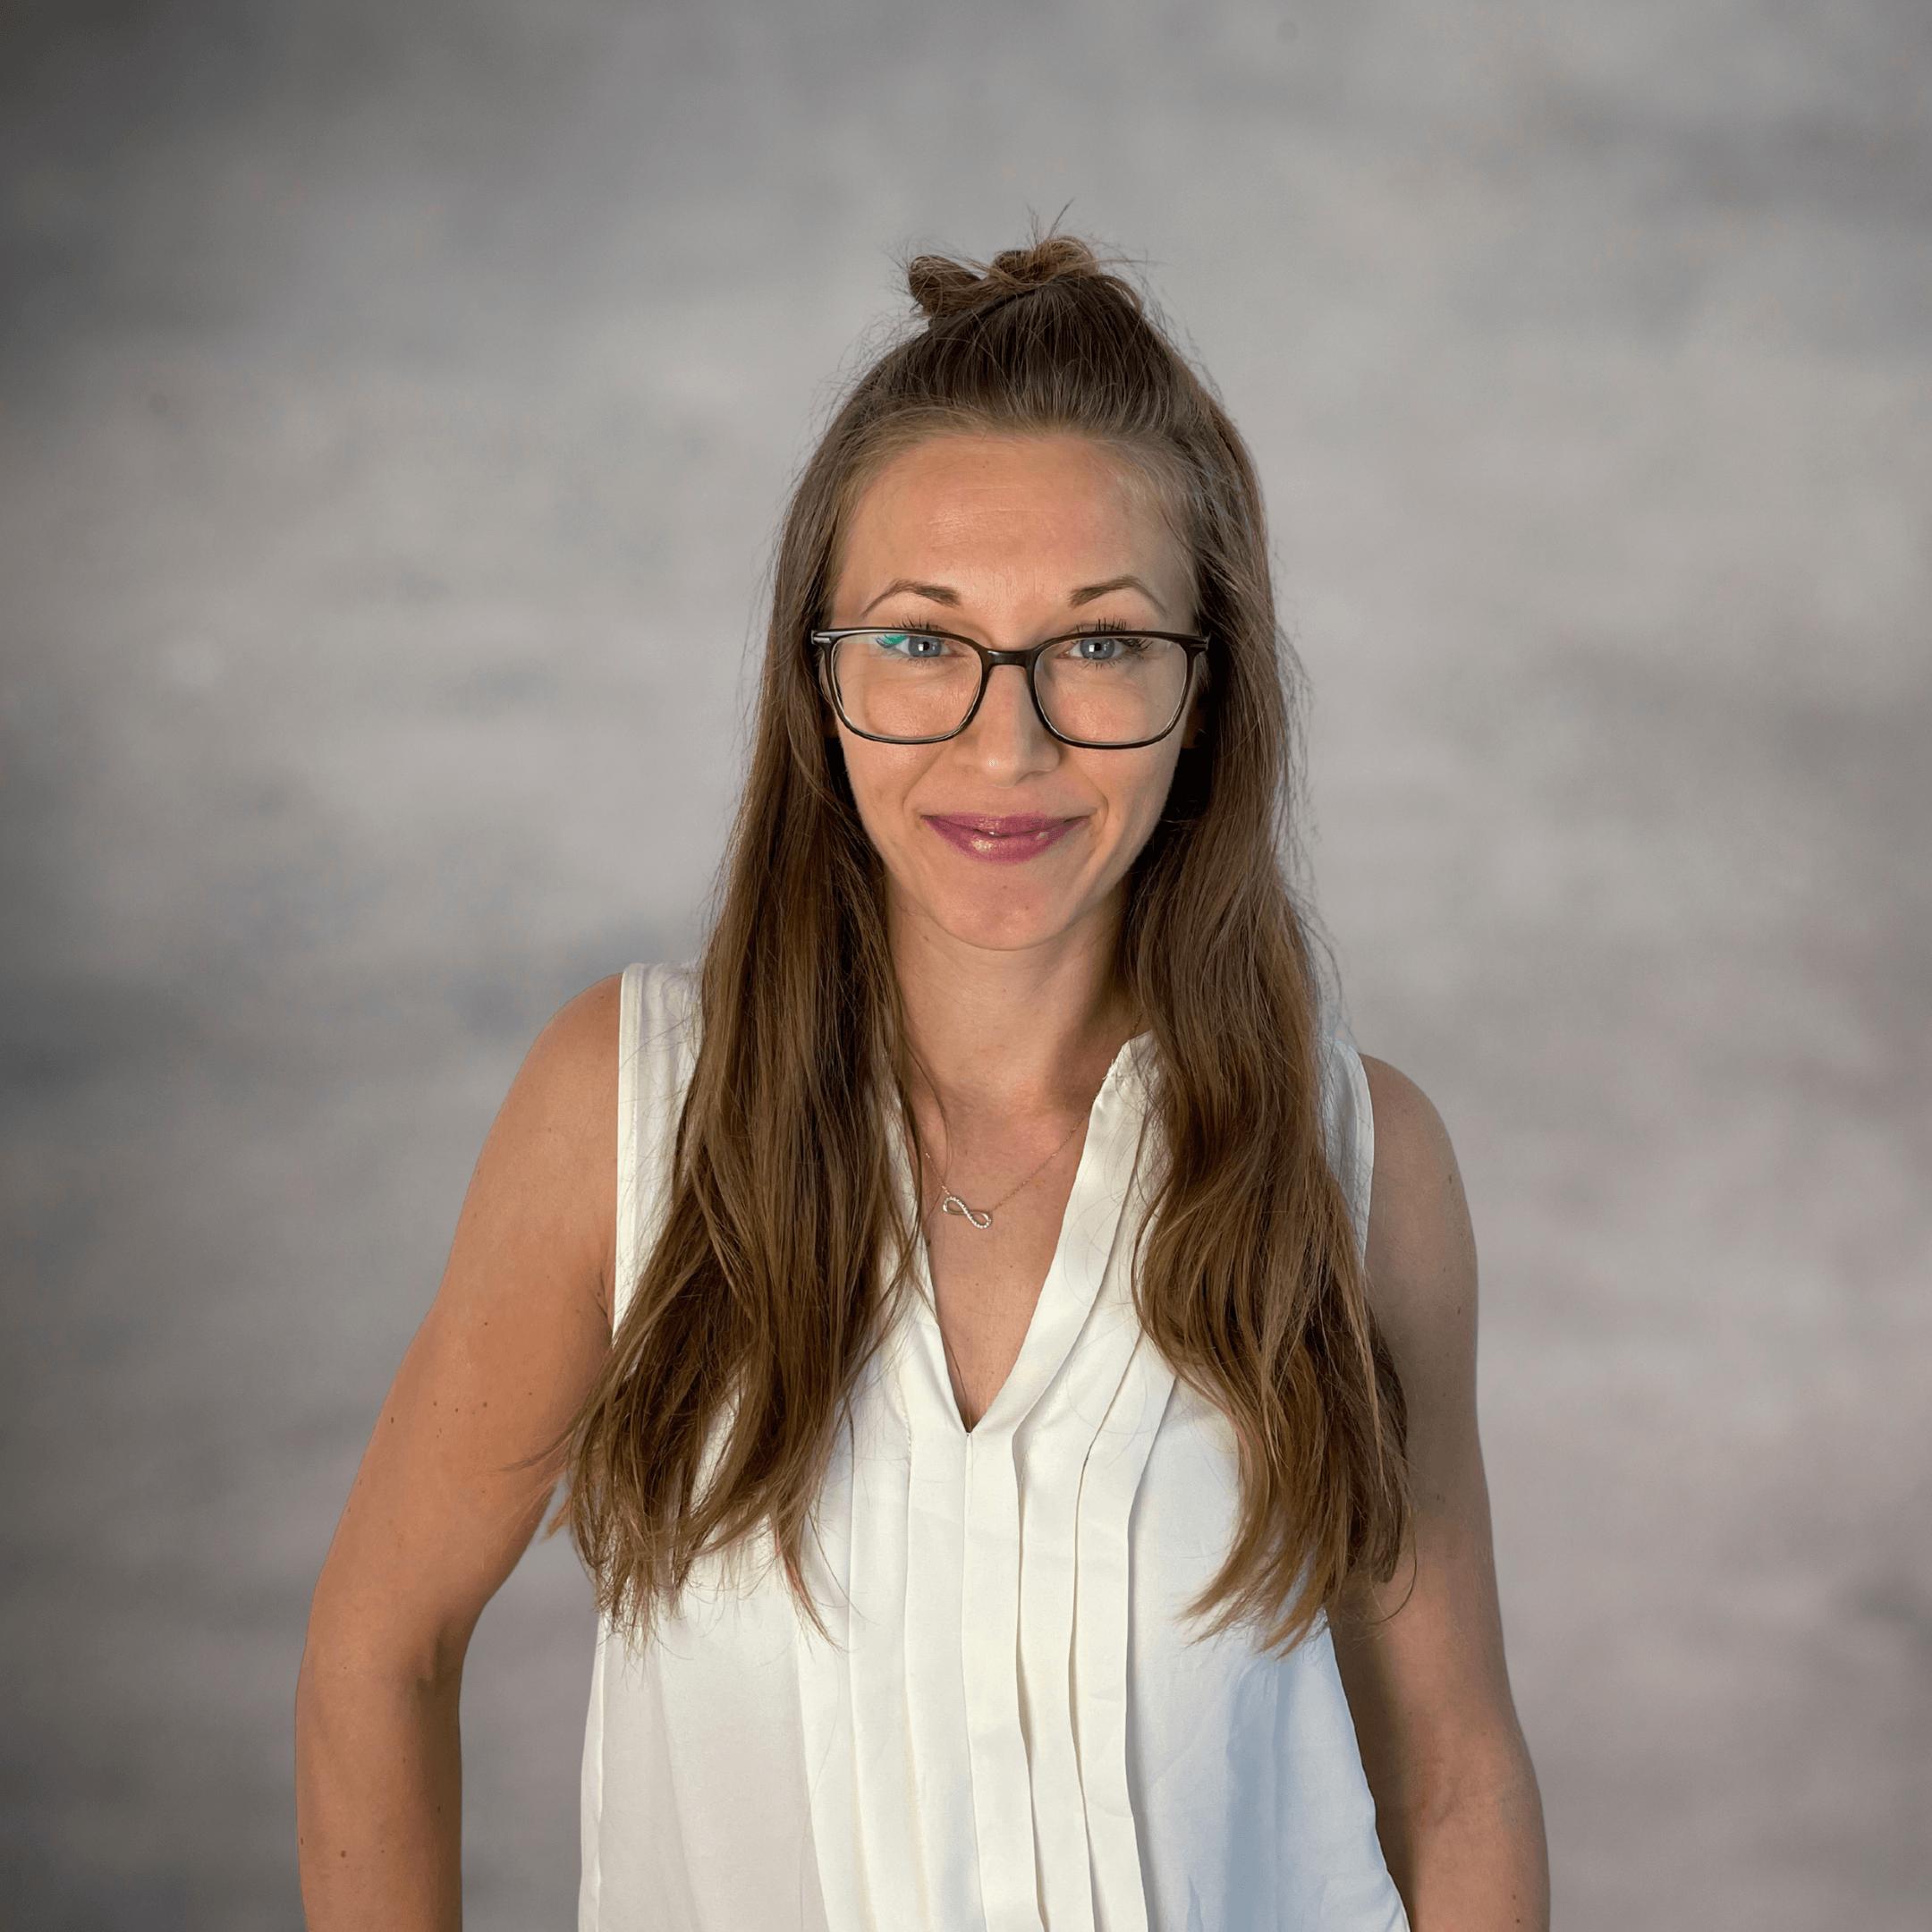 Sonja Siczek